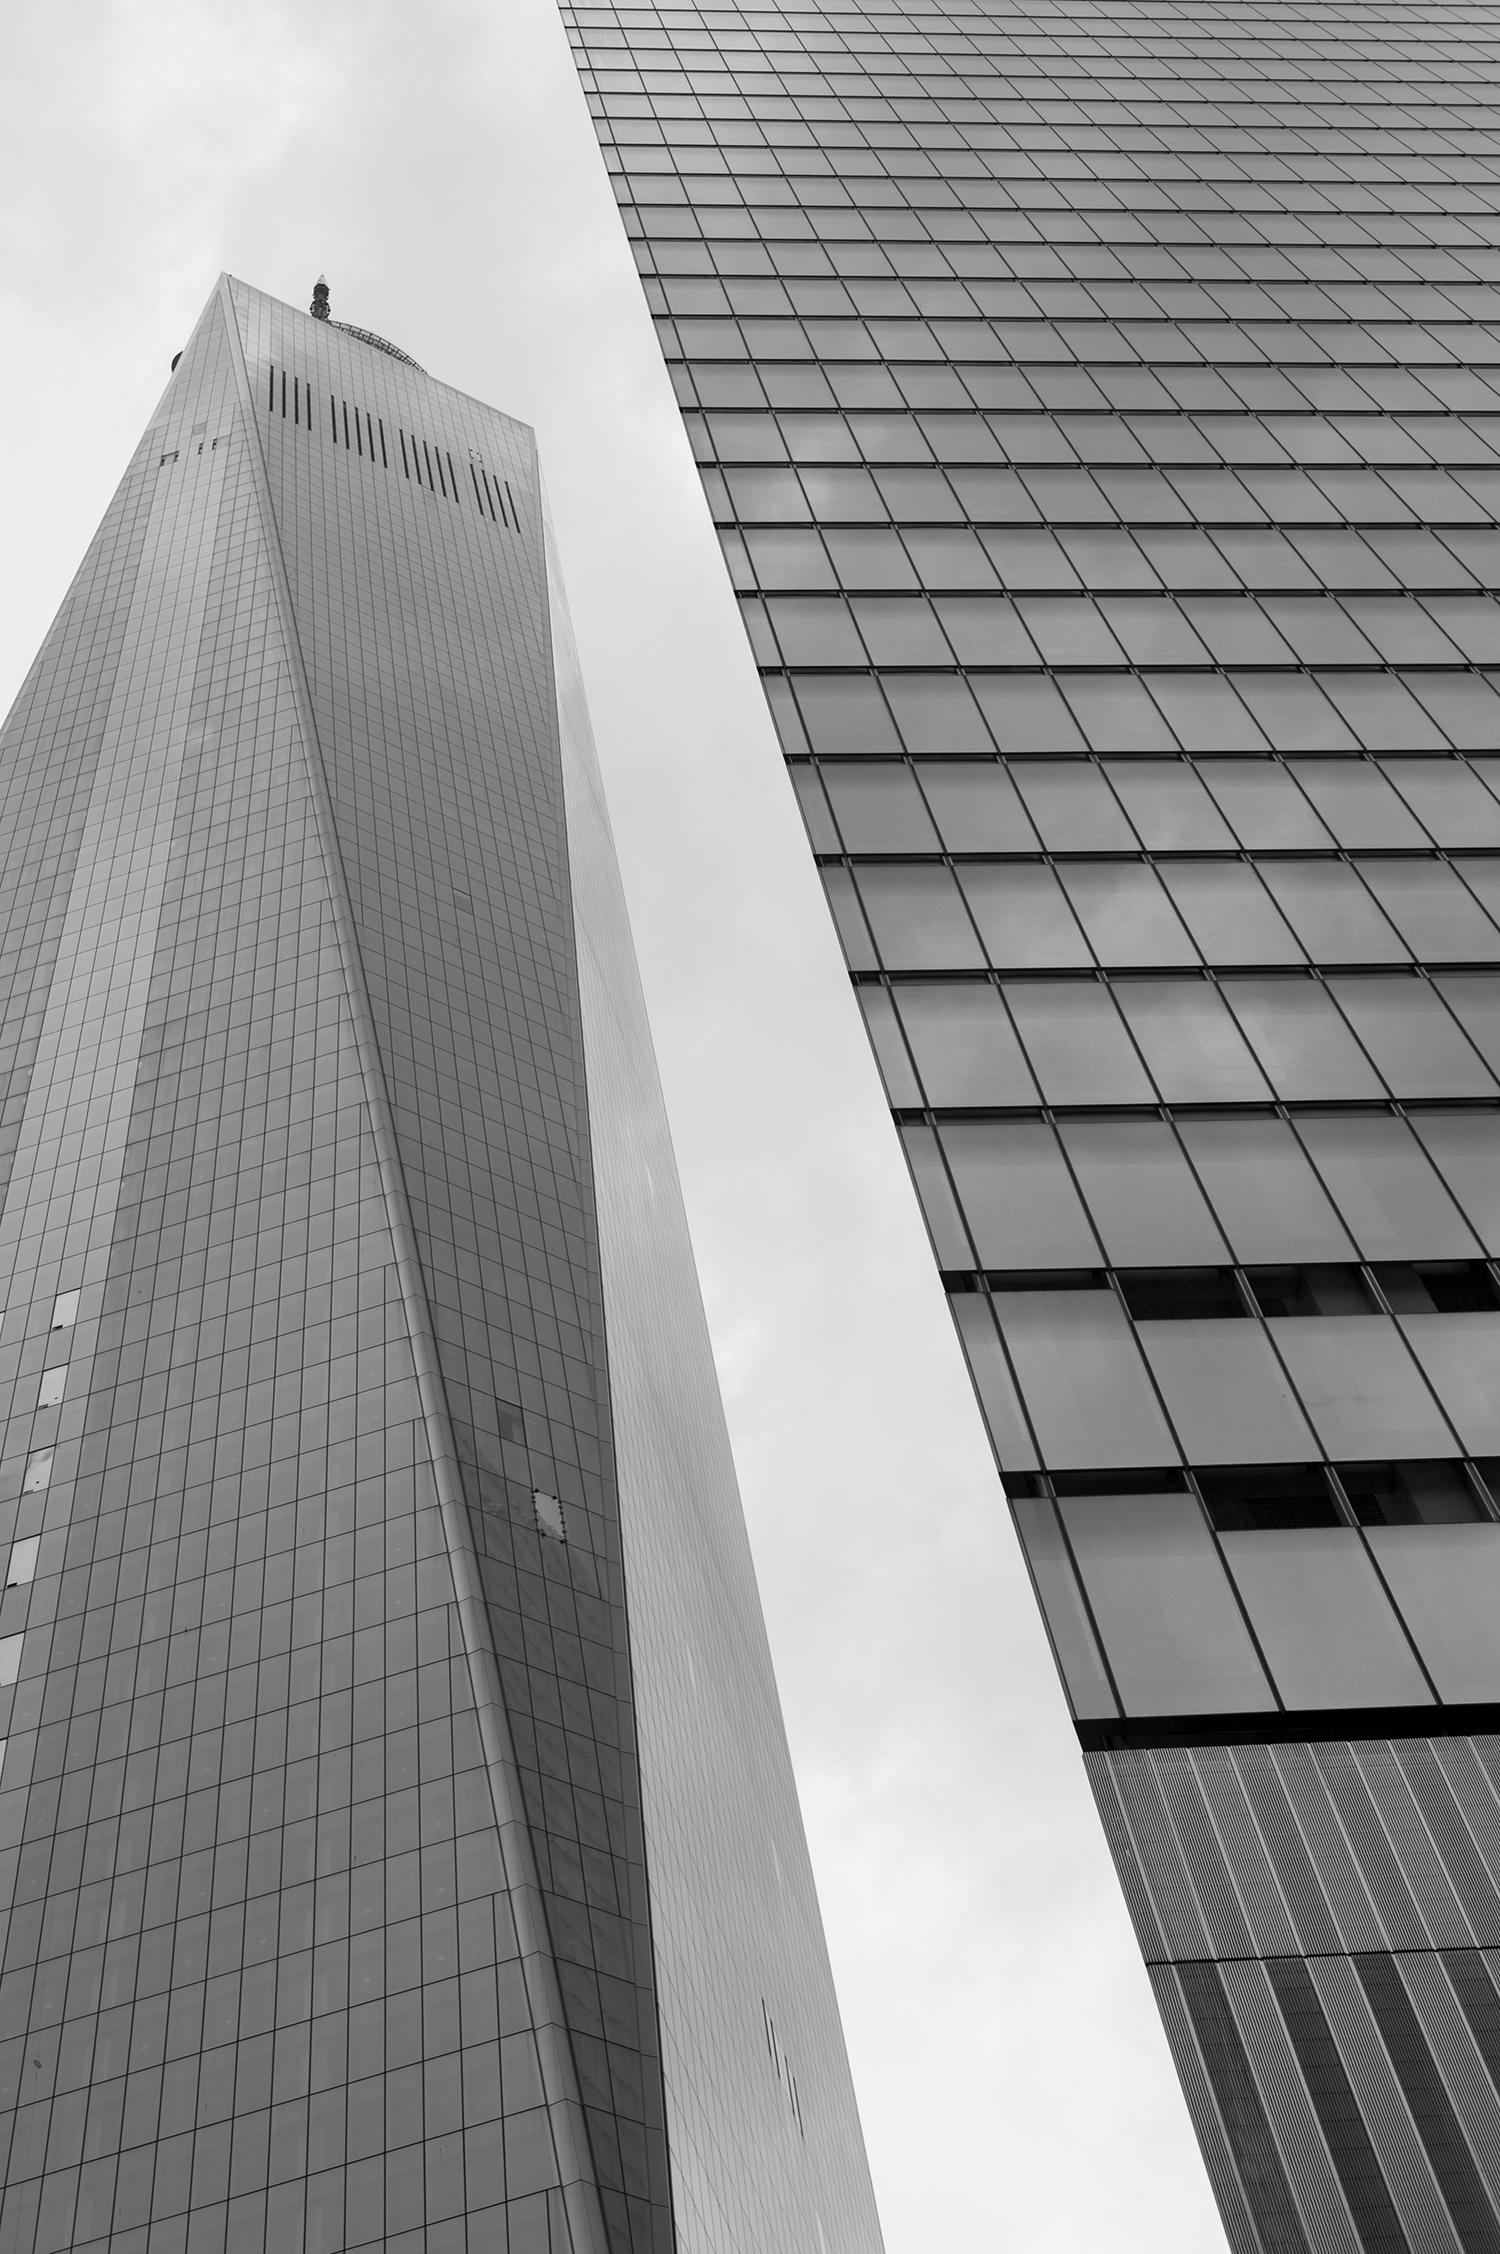 bettina-conradi-foto-architektur7.jpg